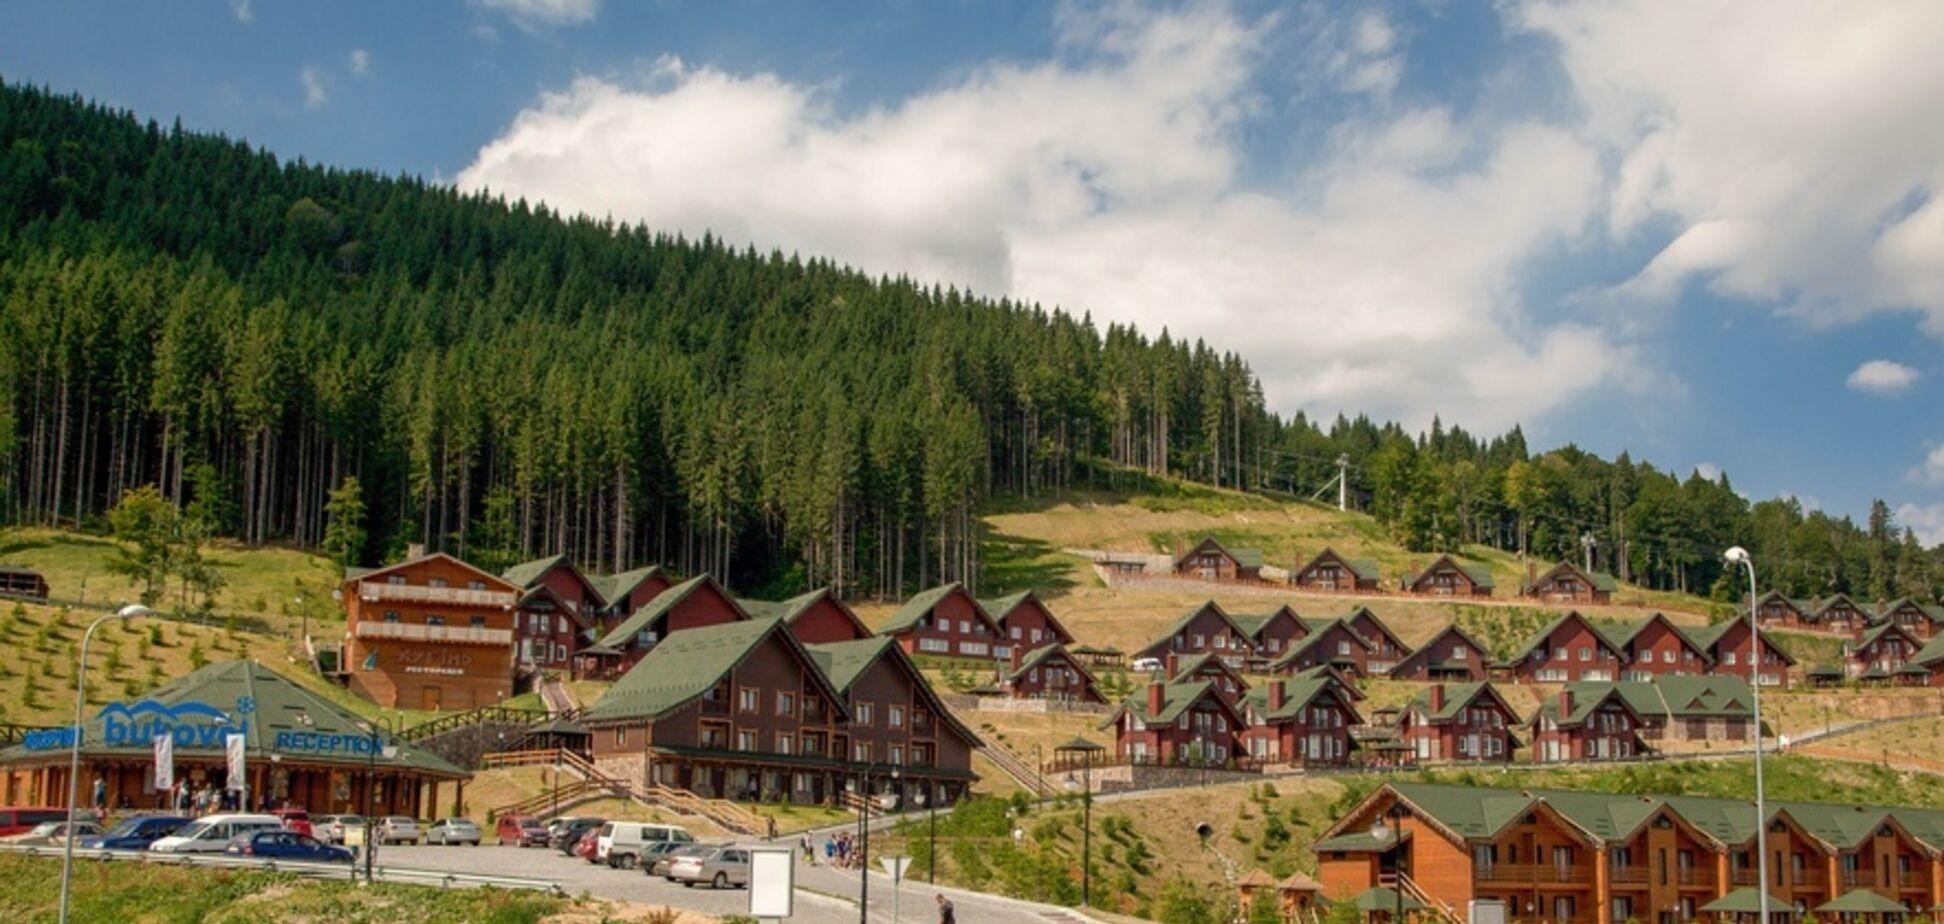 'Цены на уровне Швейцарии': журналистка рассказала, как 'зажрался' Буковель